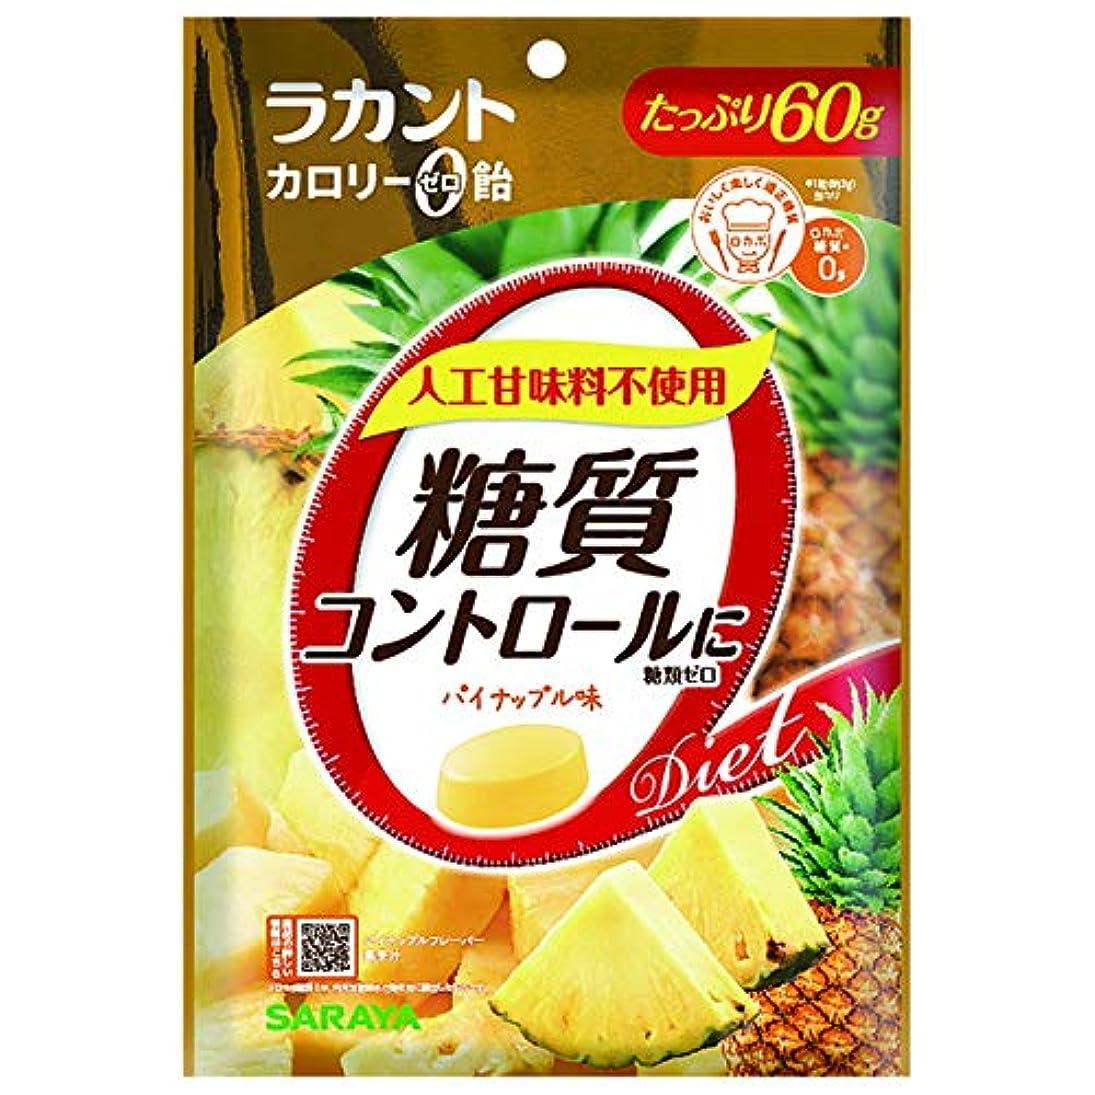 電気技師精度ホイールラカント カロリーゼロ飴 パイナップル 60g【3個セット】